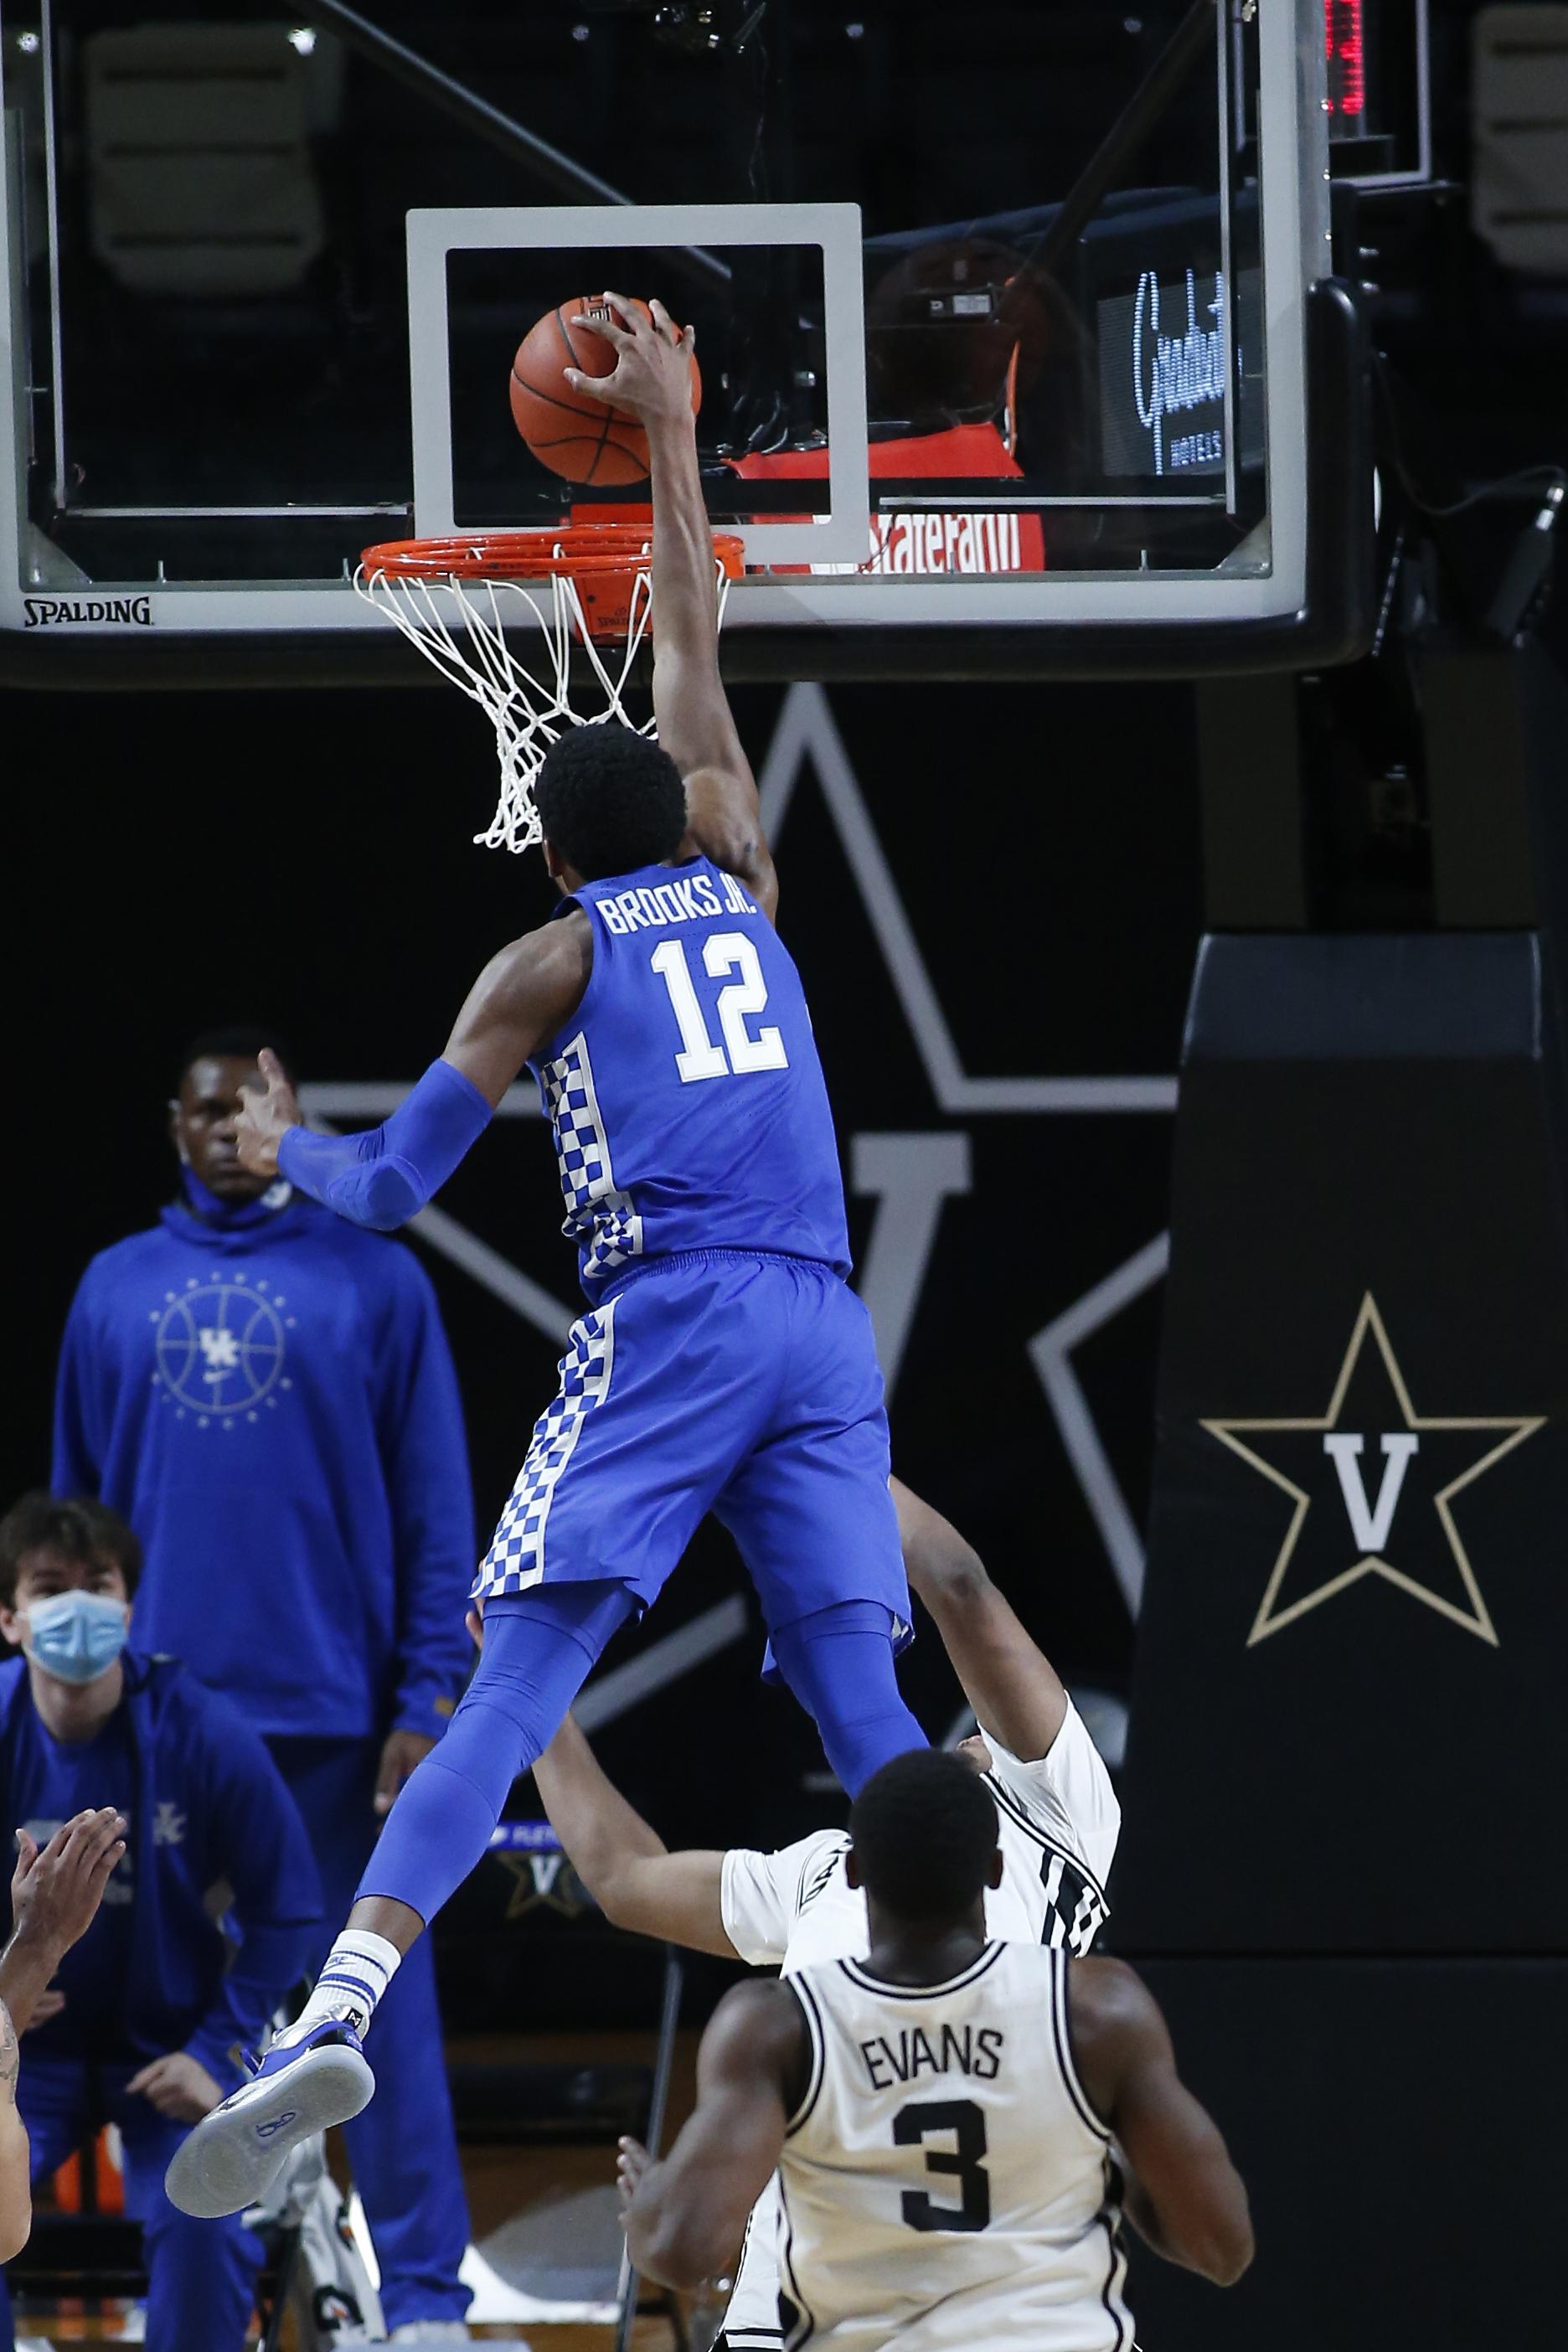 COLLEGE BASKETBALL: FEB 17 Kentucky at Vanderbilt